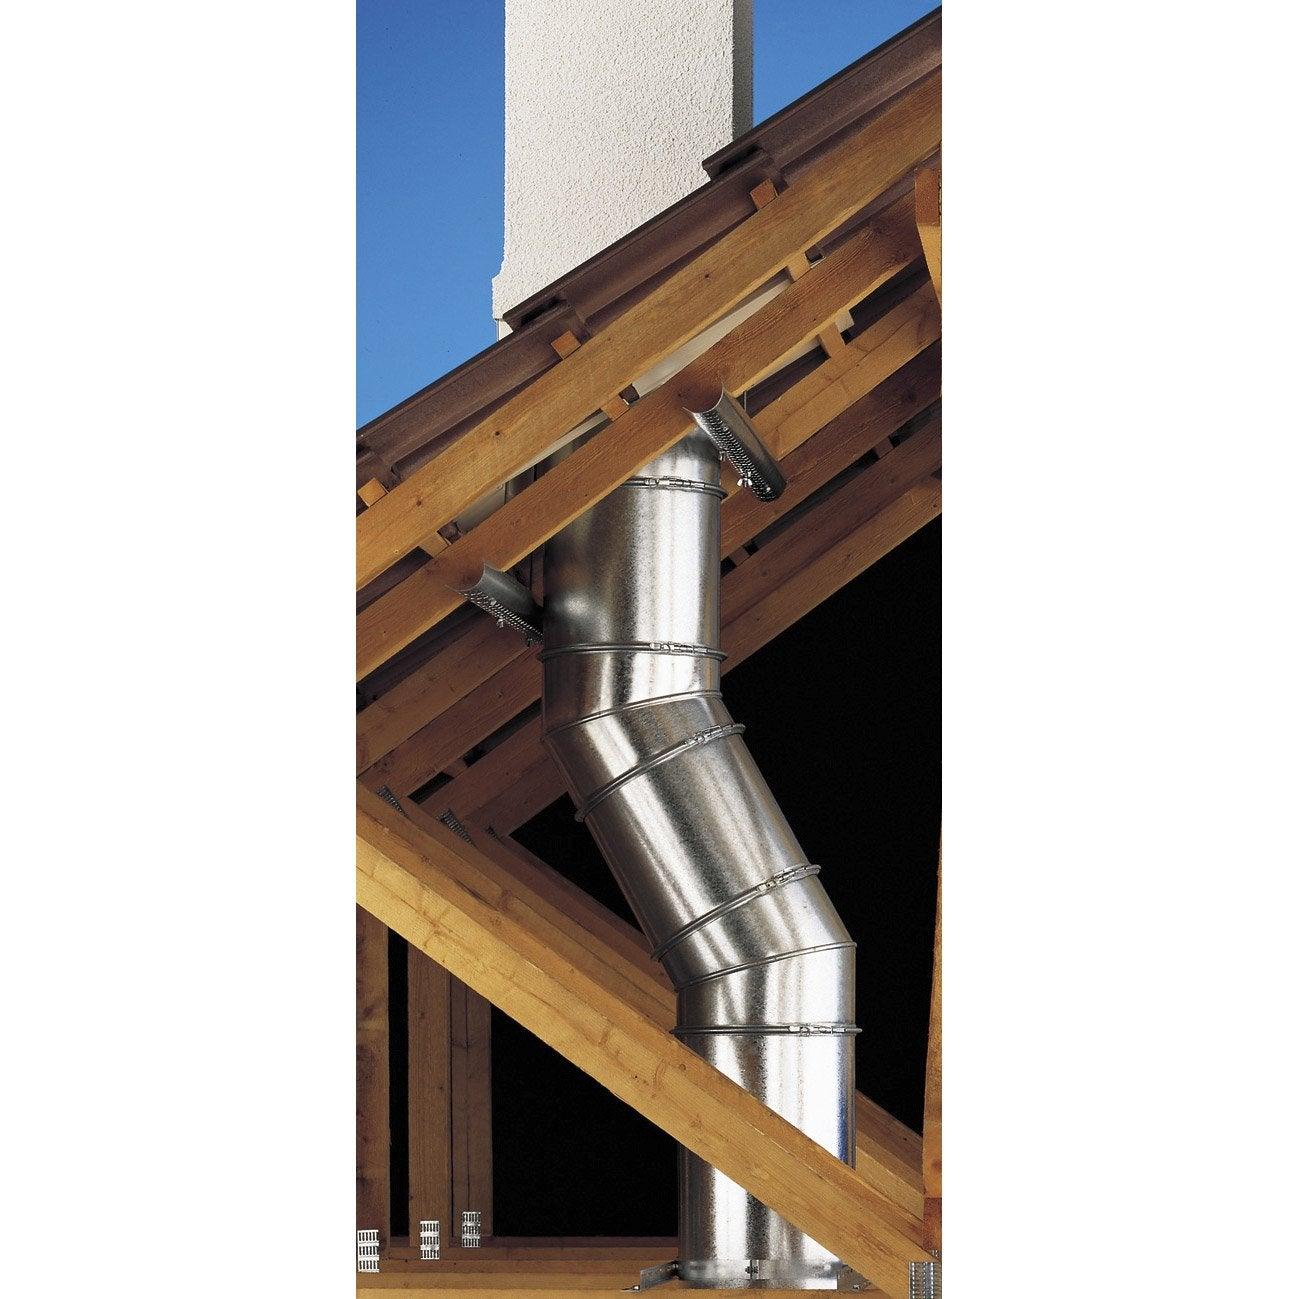 Tuyau pour conduit double paroi poujoulat d230 mm m for Conduit de cheminee inox